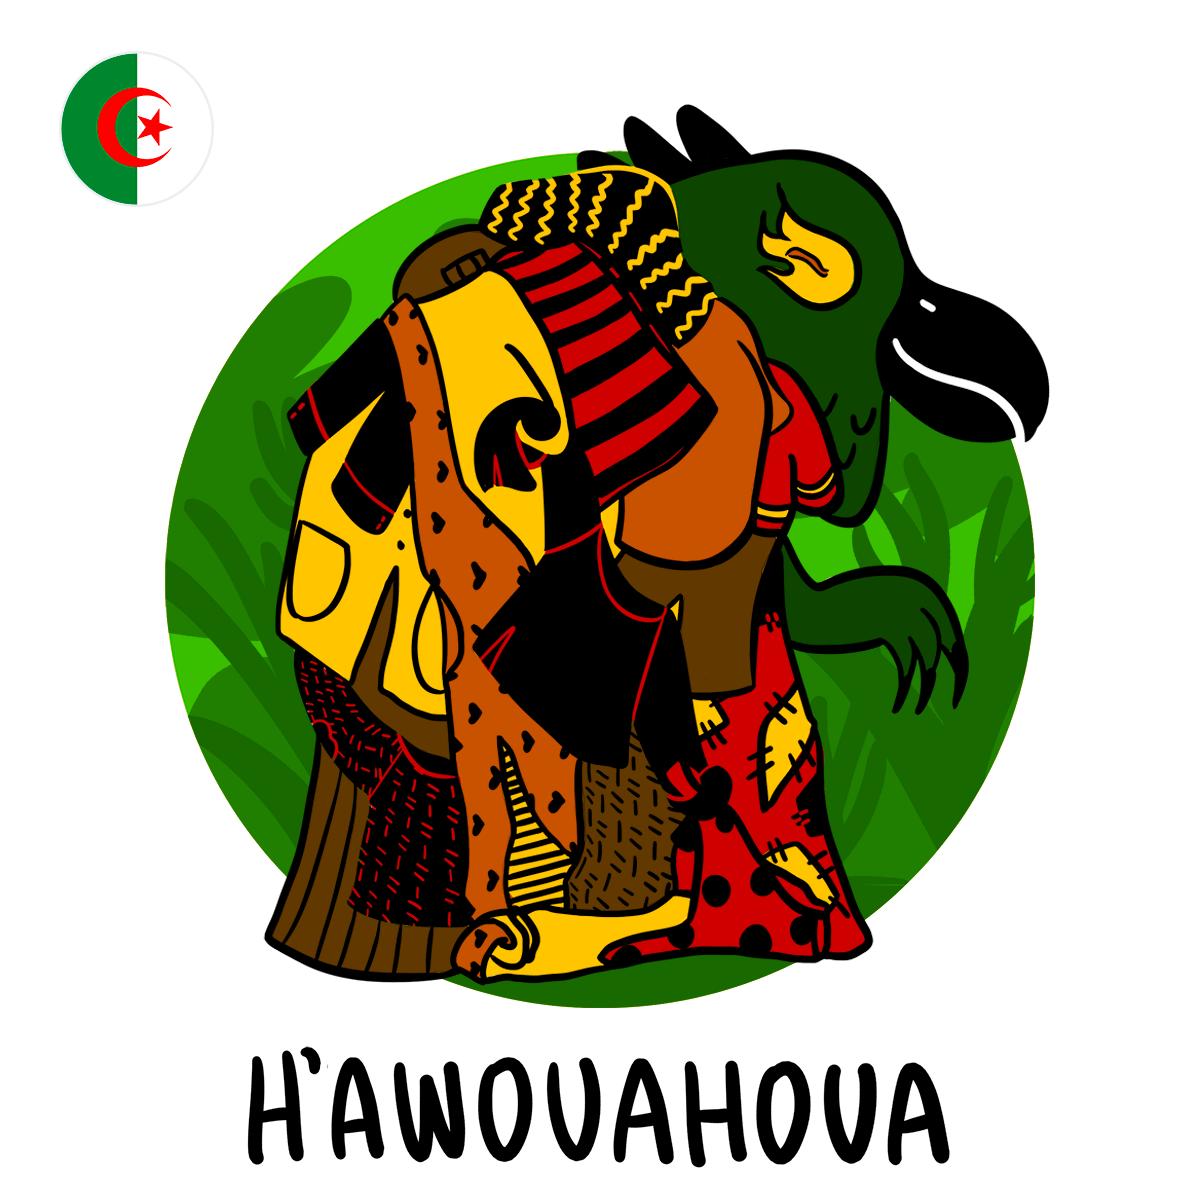 Hawouahoua